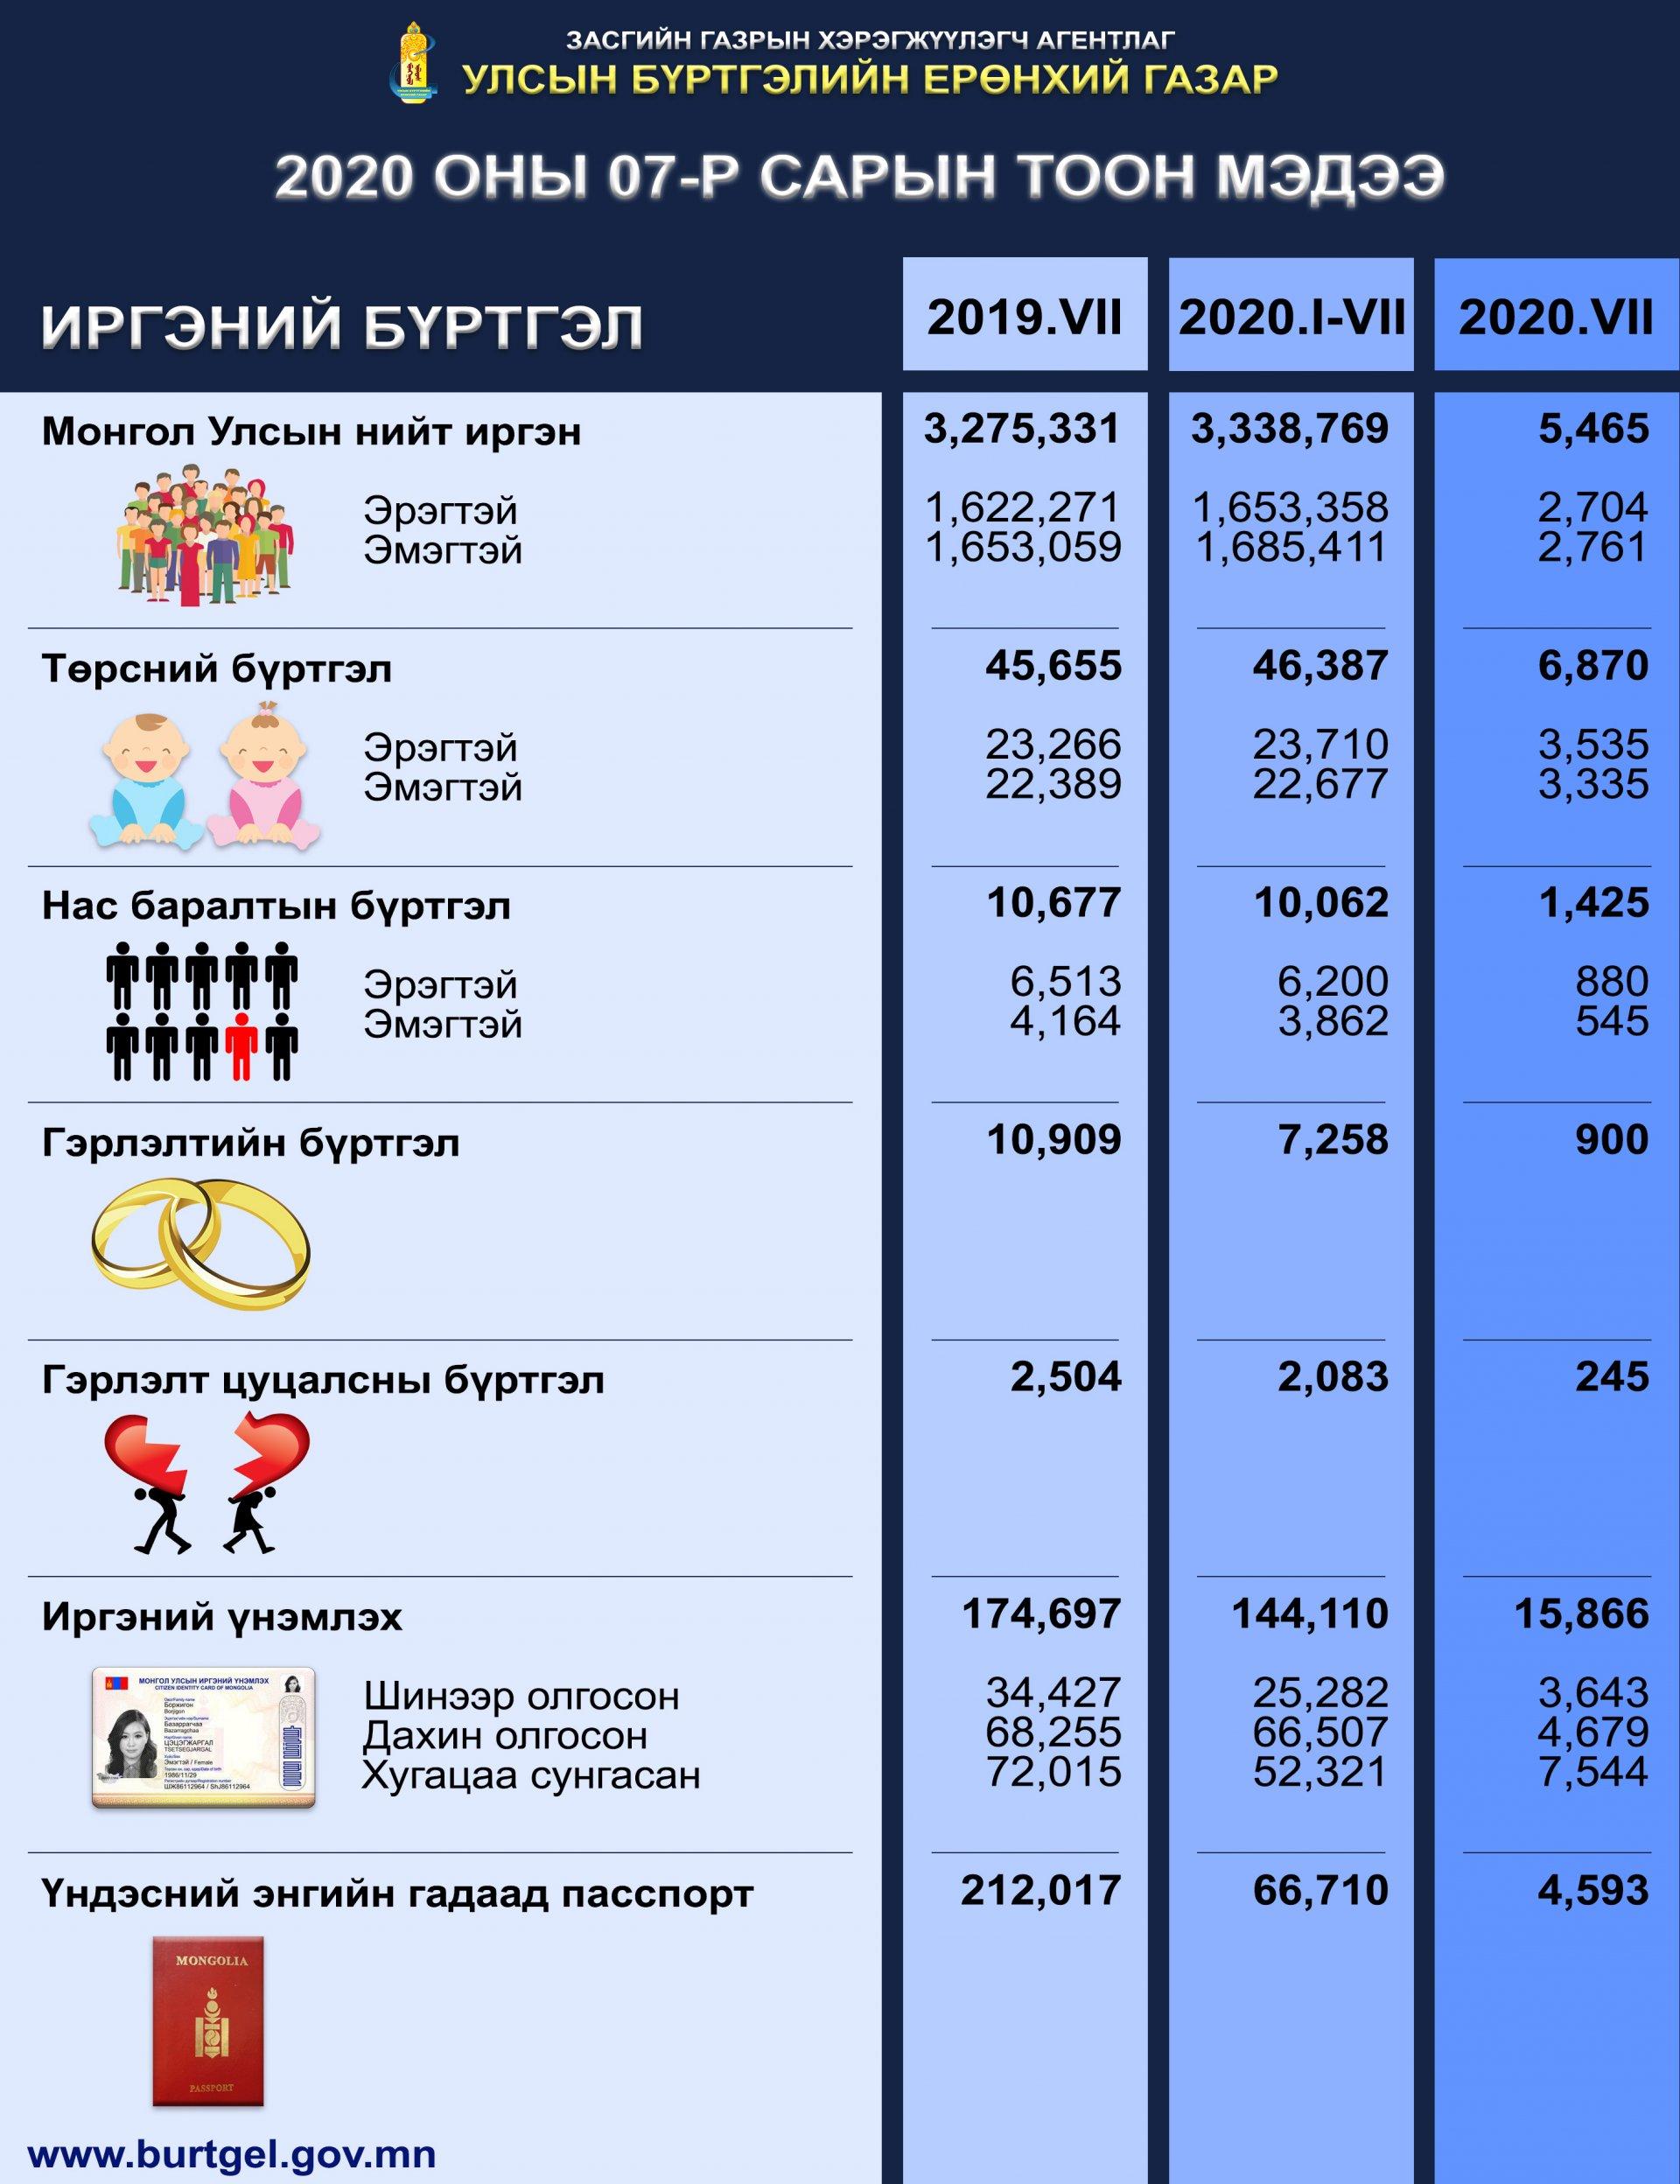 Улсын бүртгэлийн байгууллагын ээлжит 7-р сарын тоон мэдээлэл